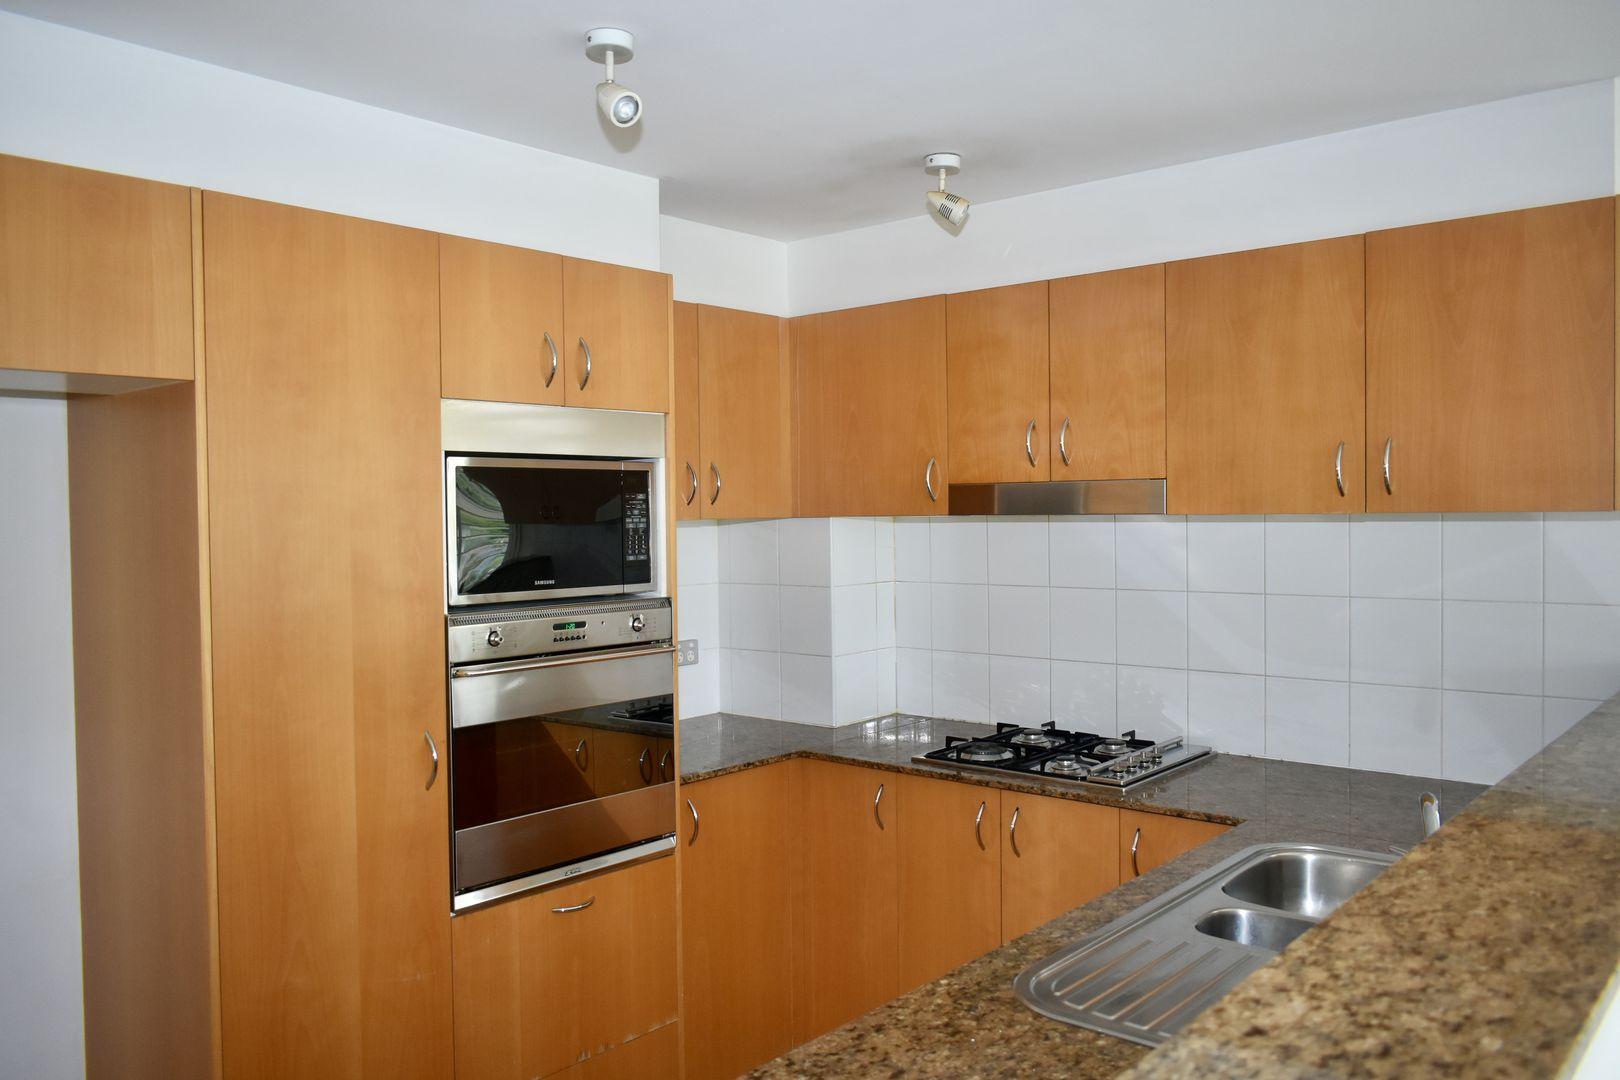 206/12 Karrabee Avenue, Huntleys Cove NSW 2111, Image 1